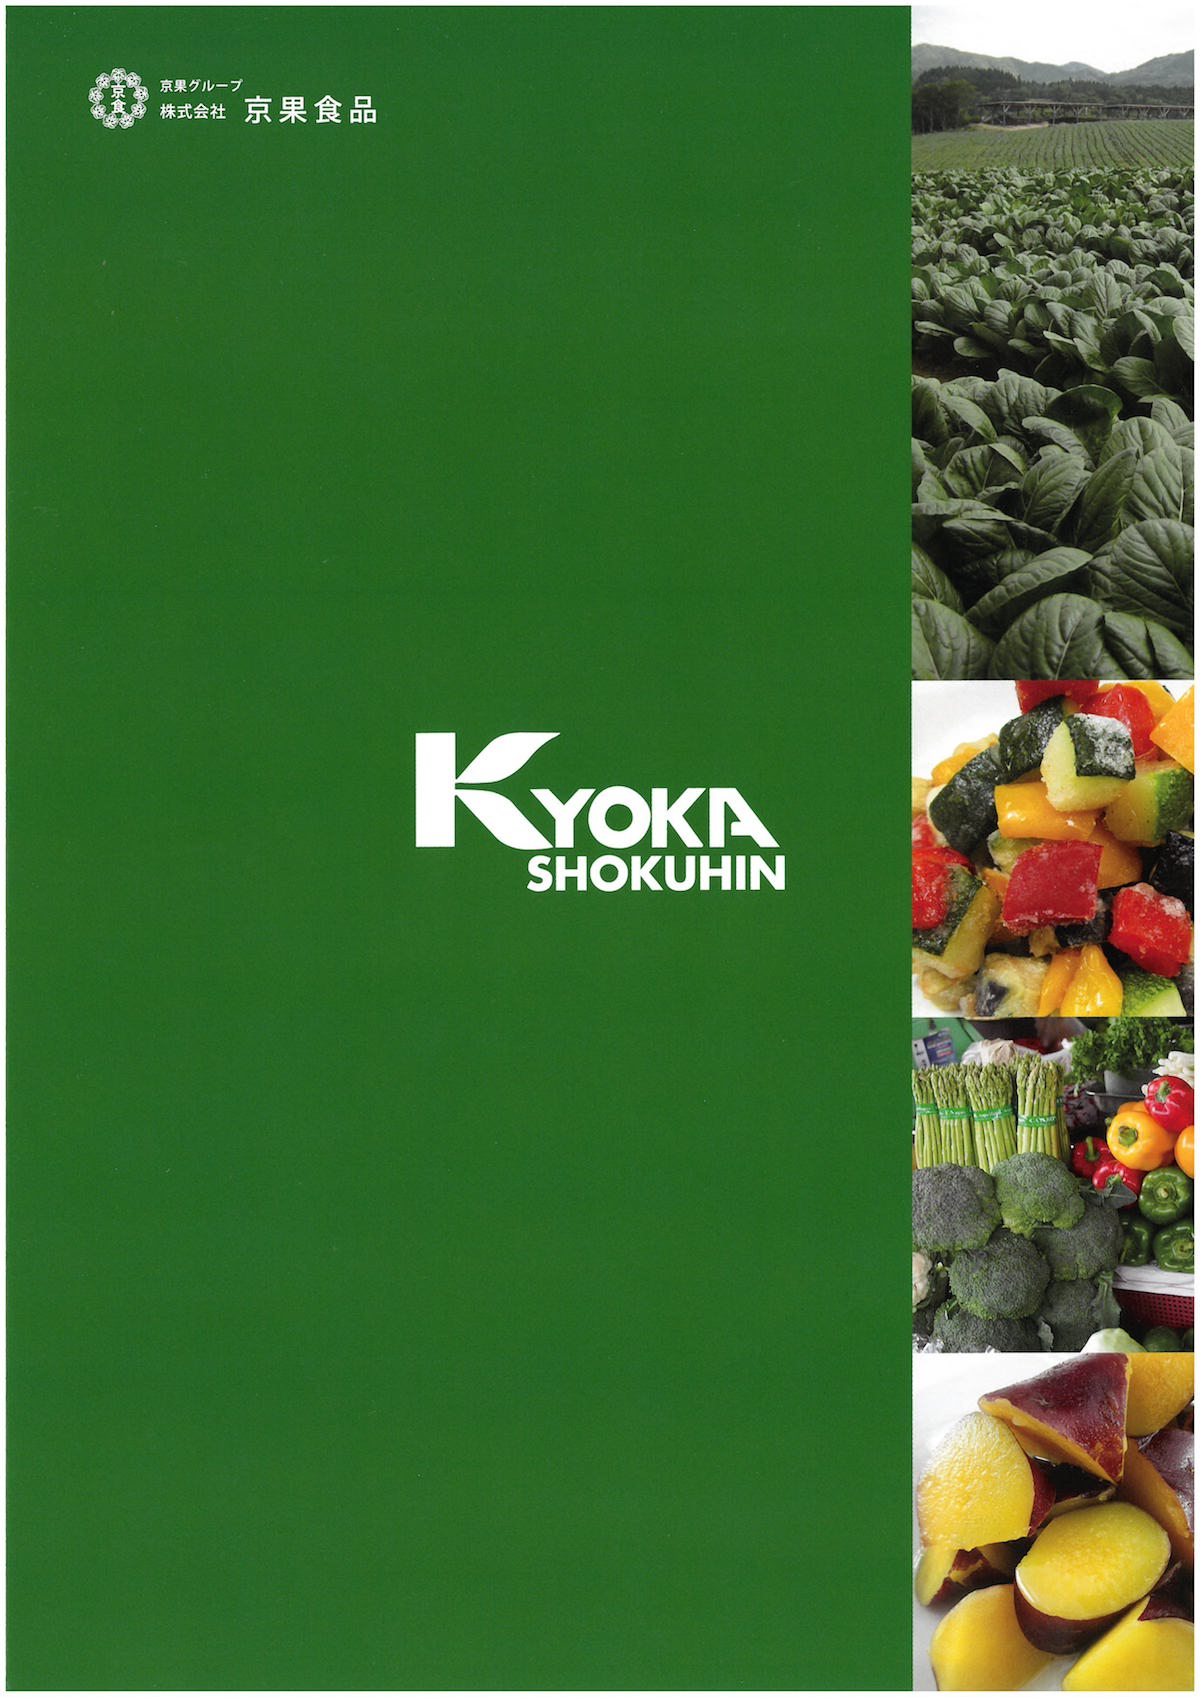 京果食品 Kyokashokuhin